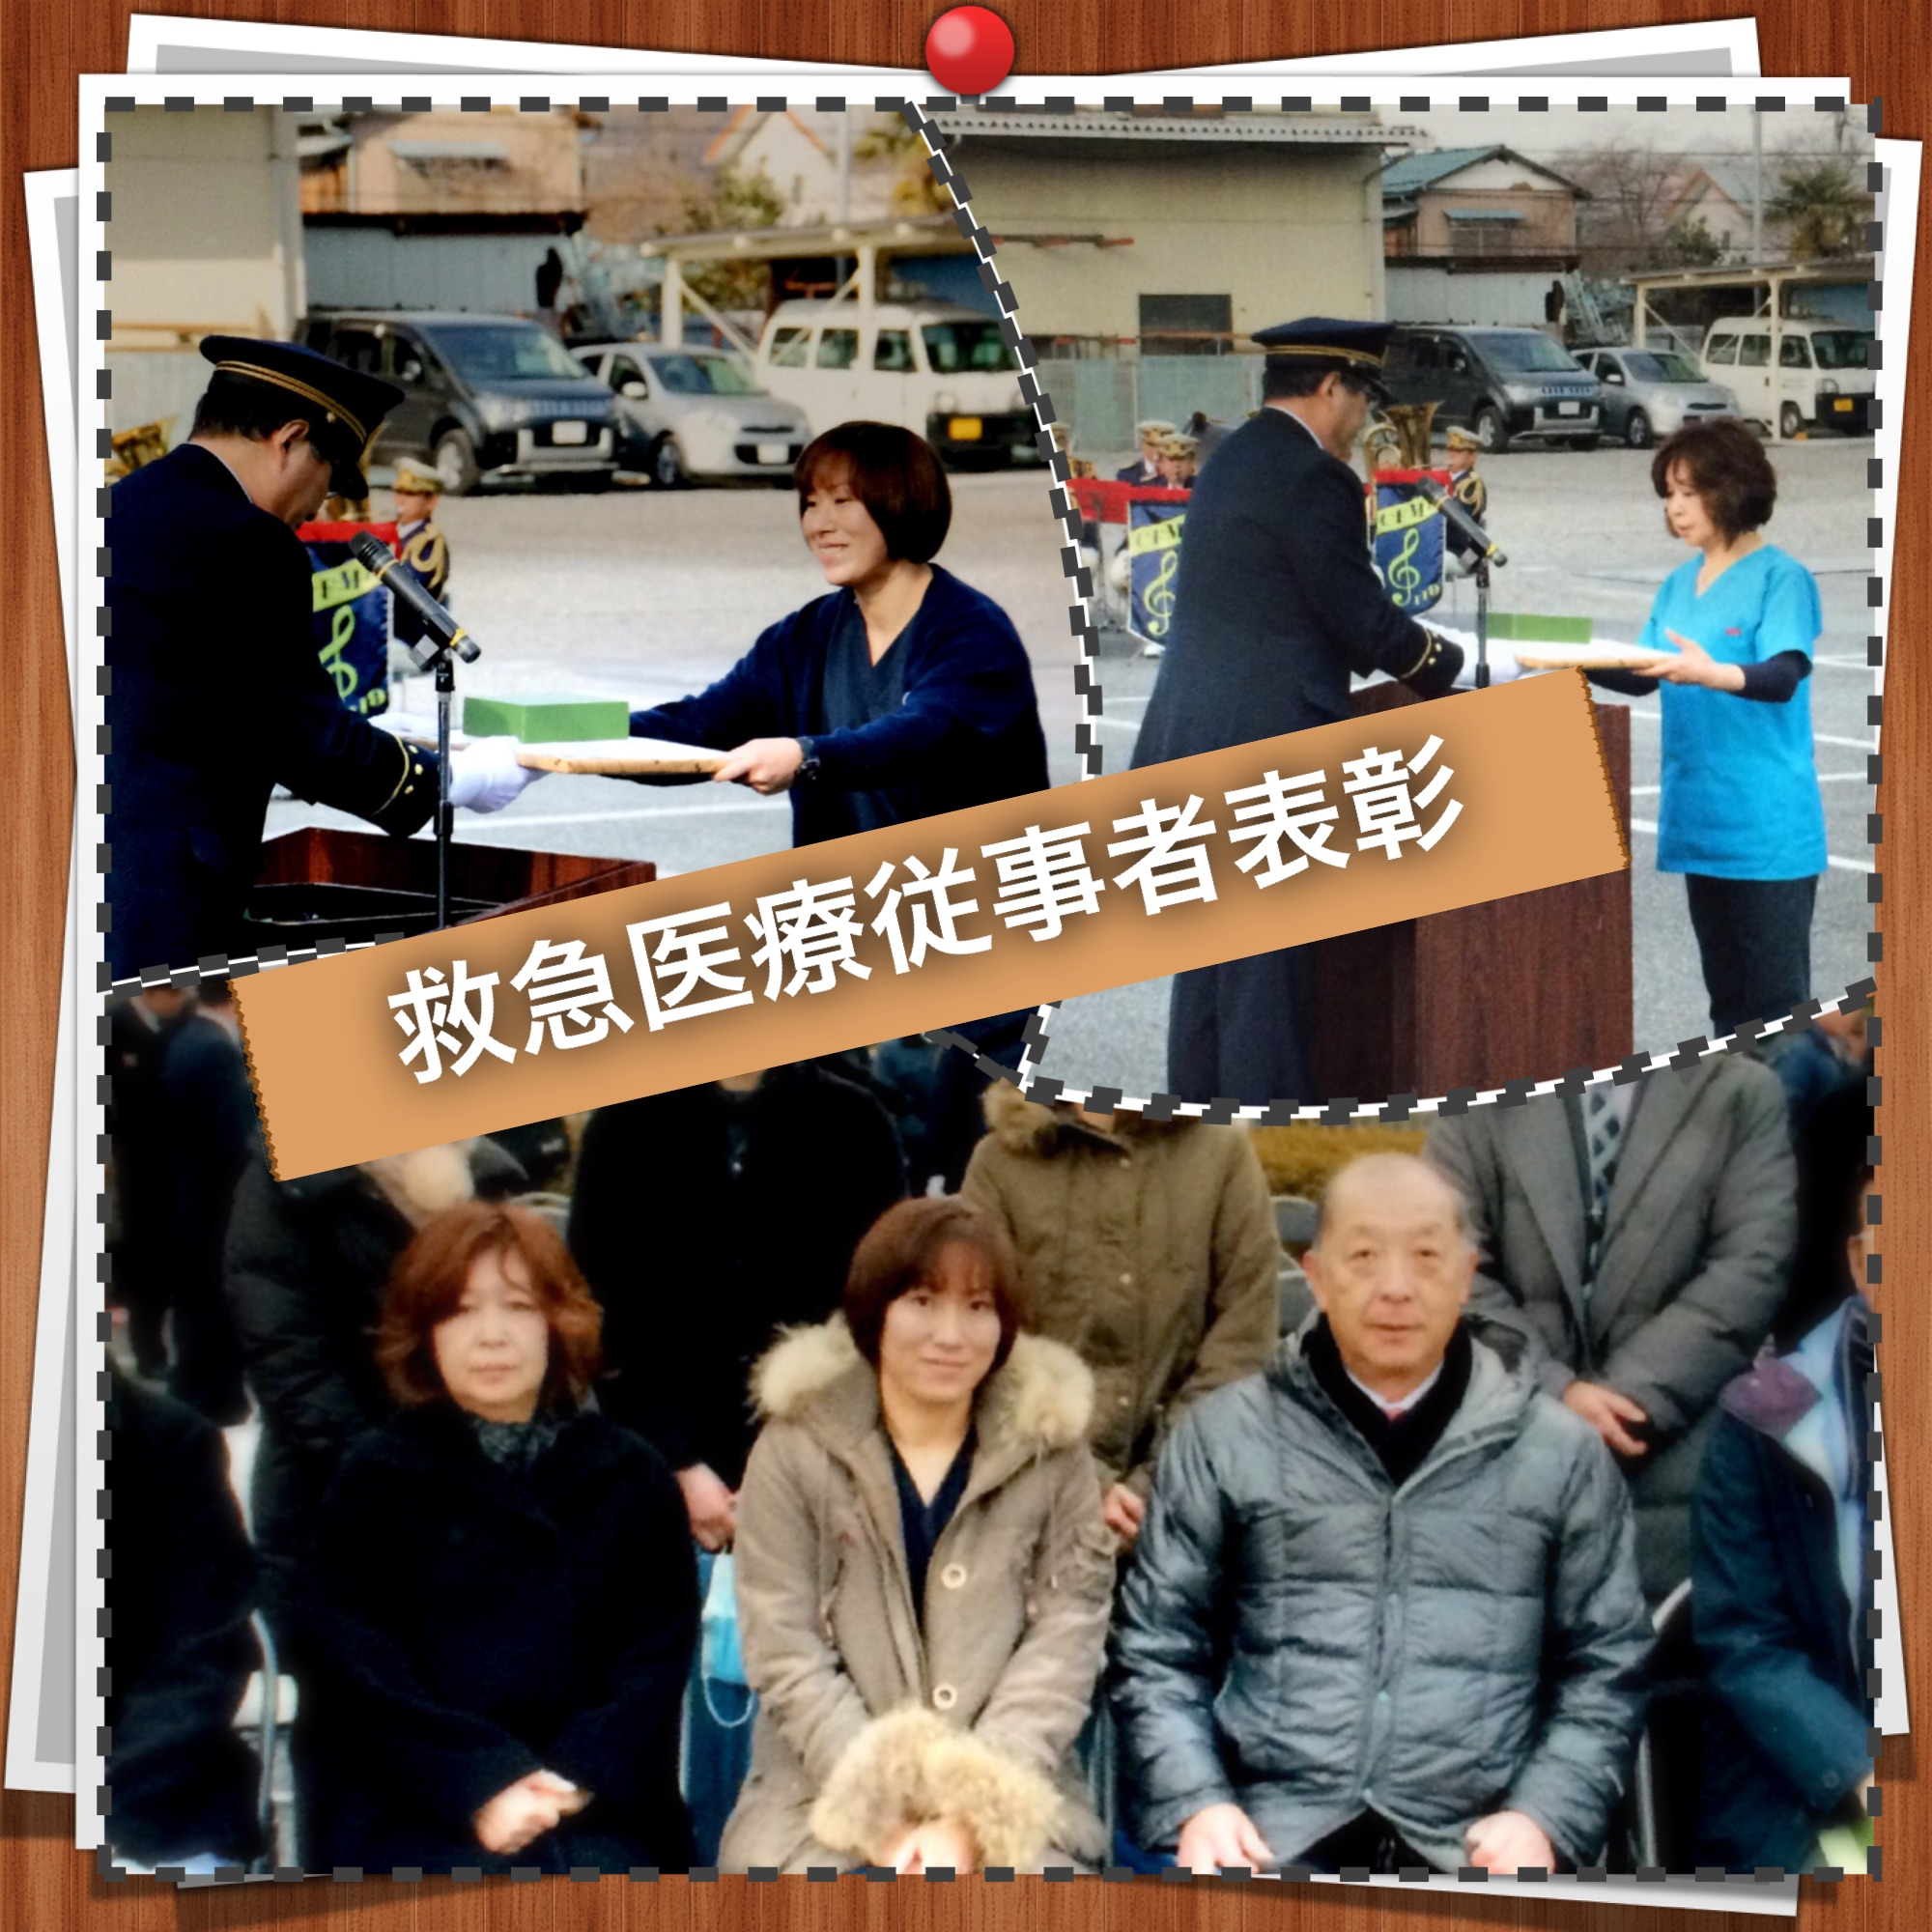 http://chichibu-med.jp/news/Image-1.jpg